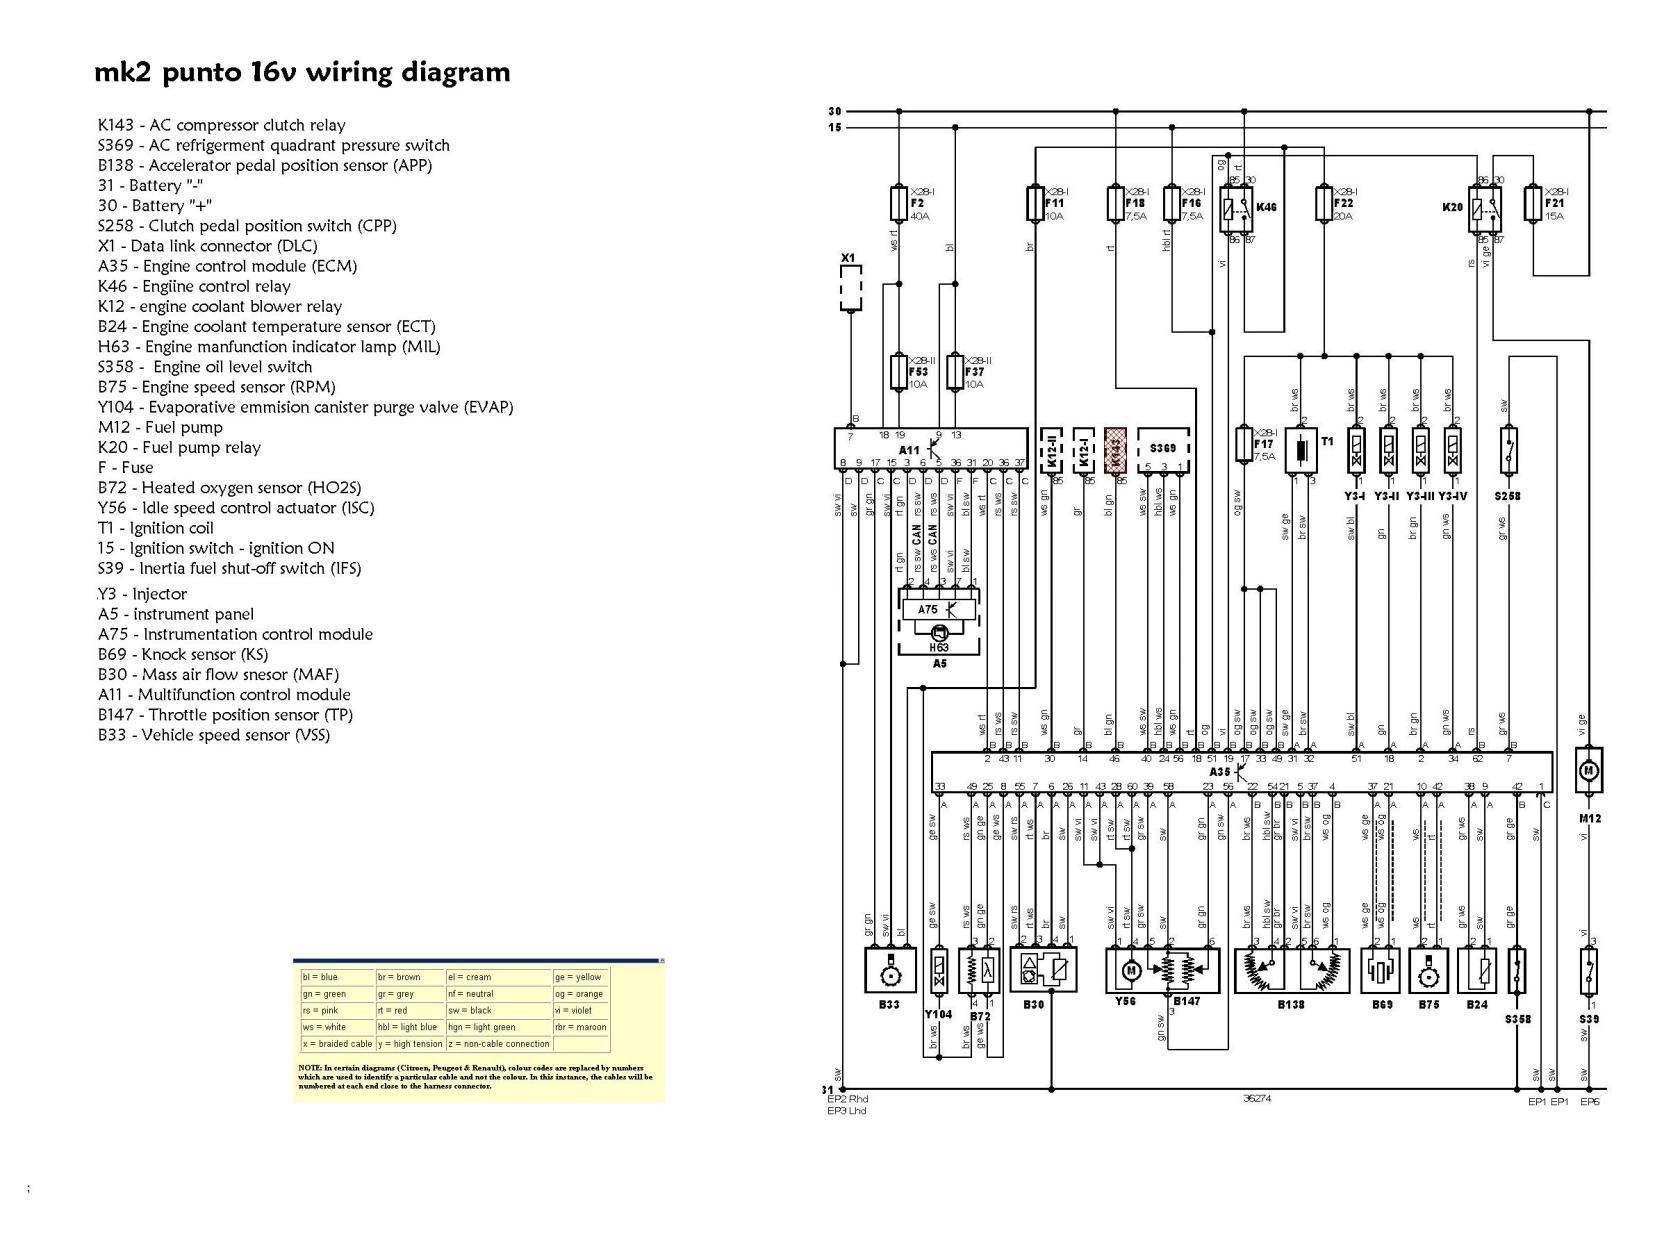 fiat punto mk2 radio wiring diagram wiring diagram fiat panda radio wiring diagram